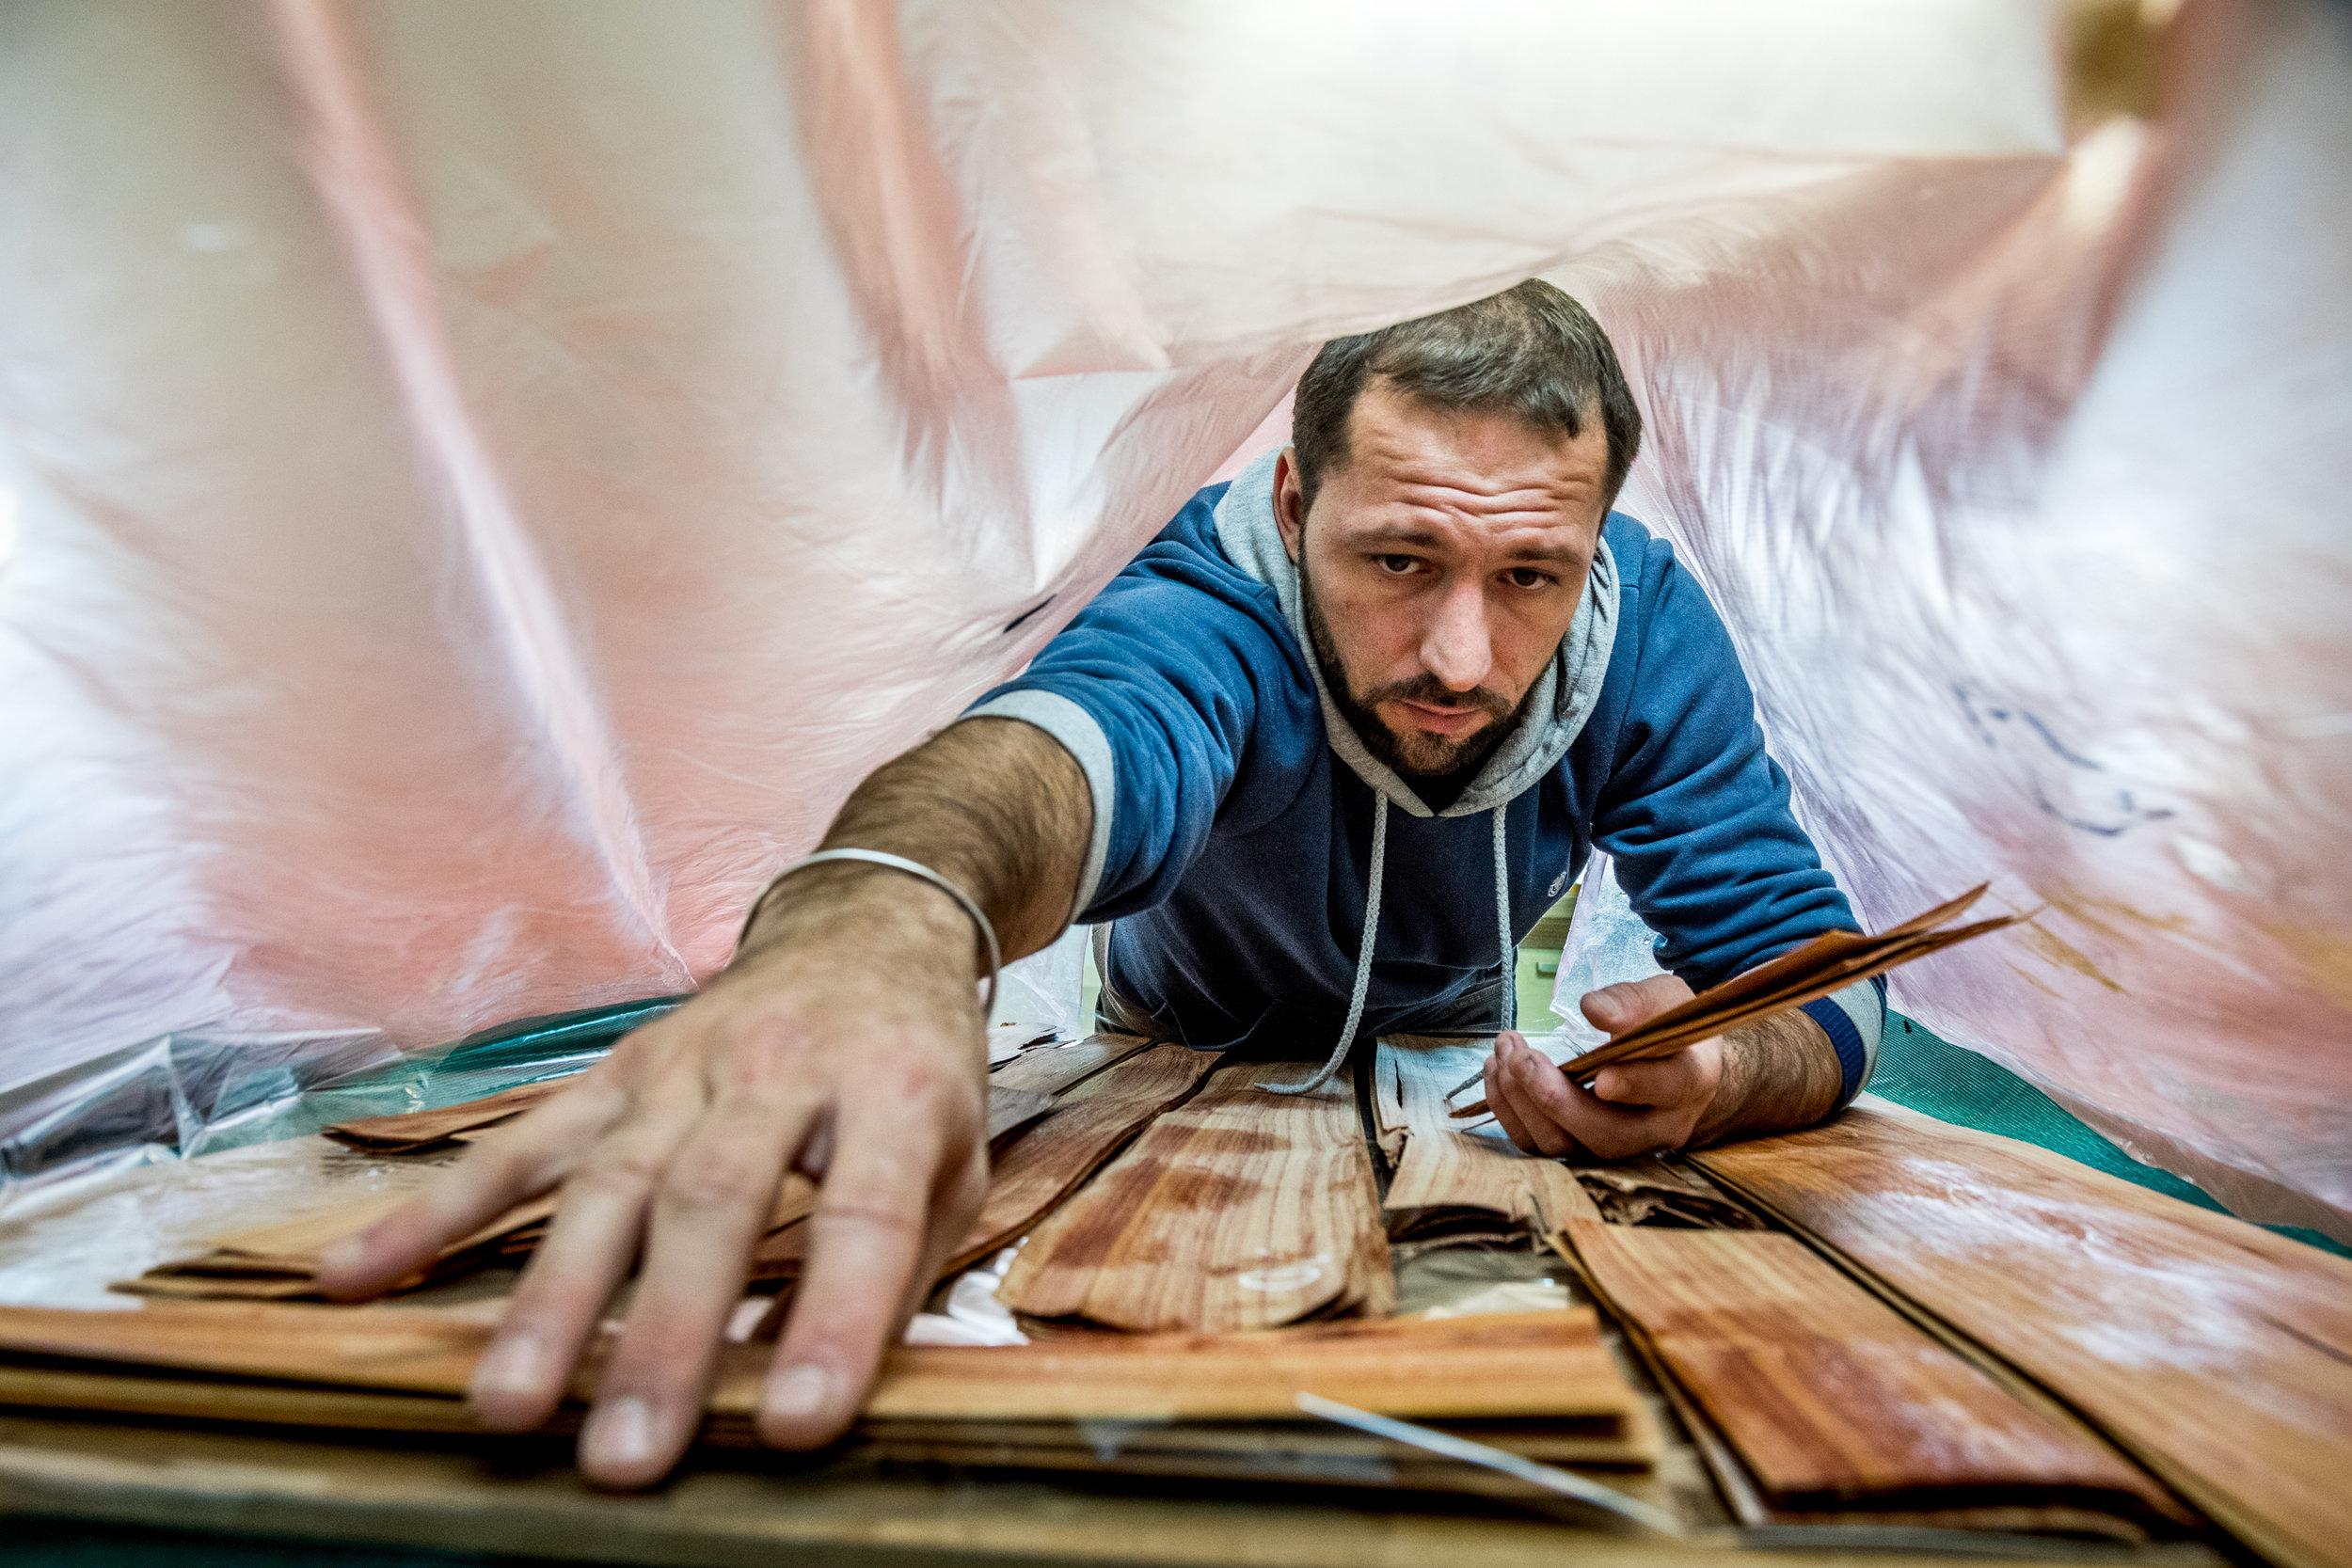 Pierre-Henri Beyssac , Meilleur Ouvrier de France, marqueteur, au travail dans son atelier.